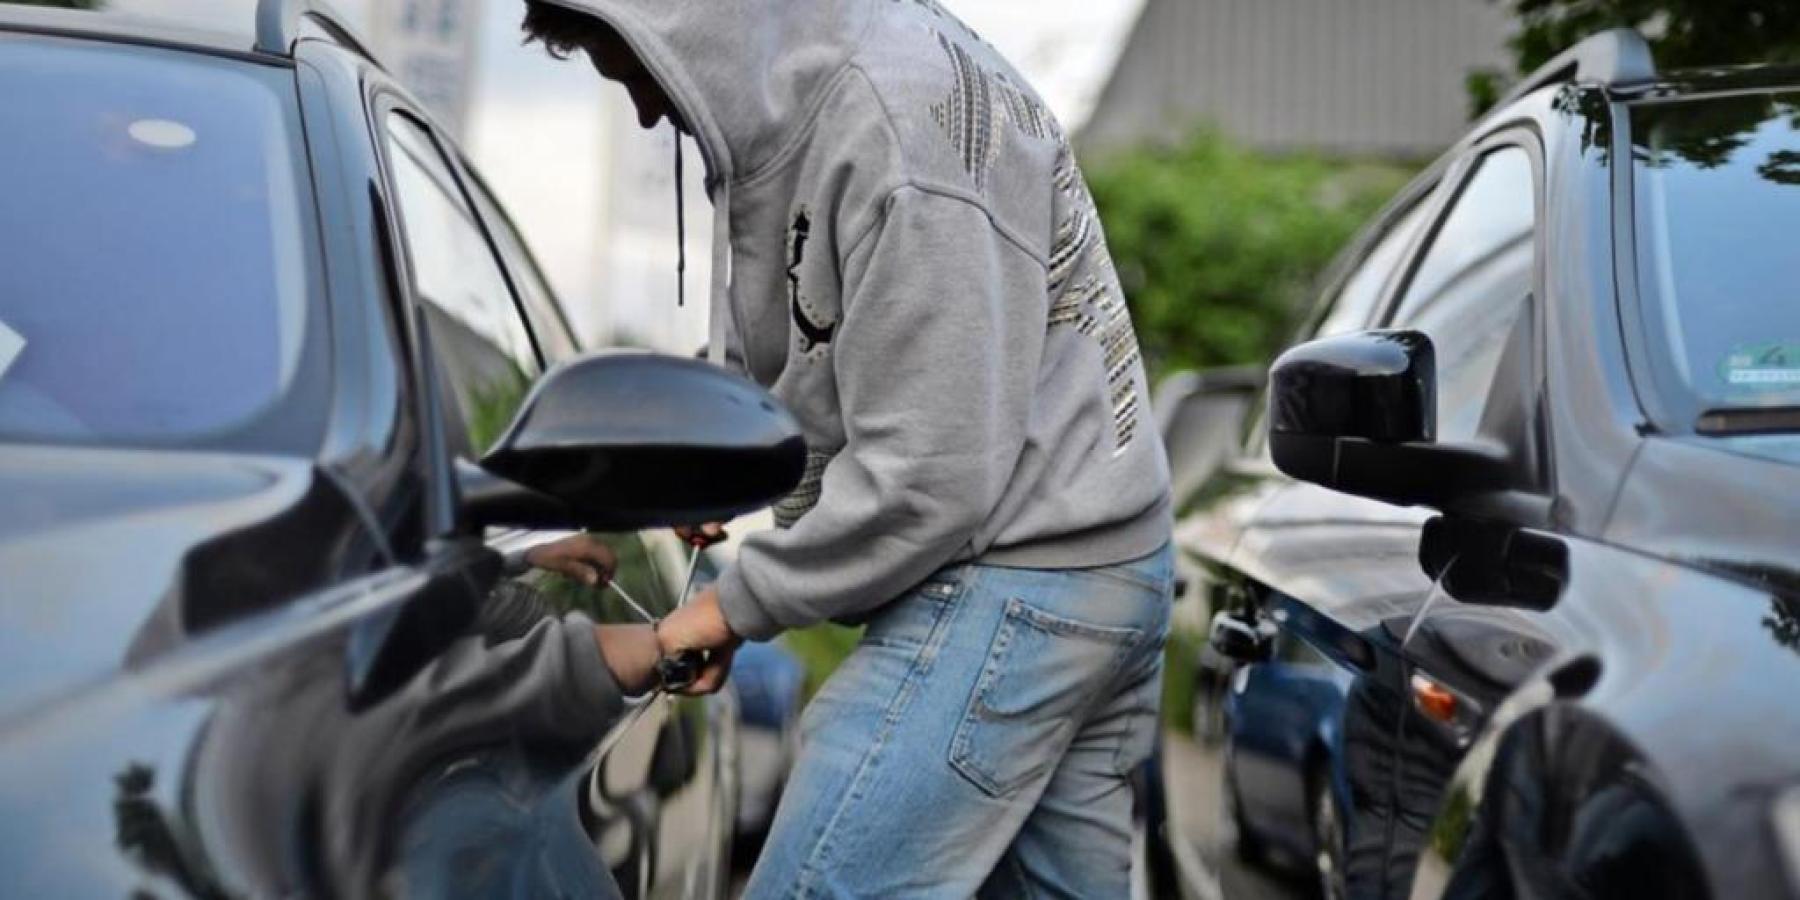 Diebstähle aus Fahrzeugen – Wertgegenstände entwendet